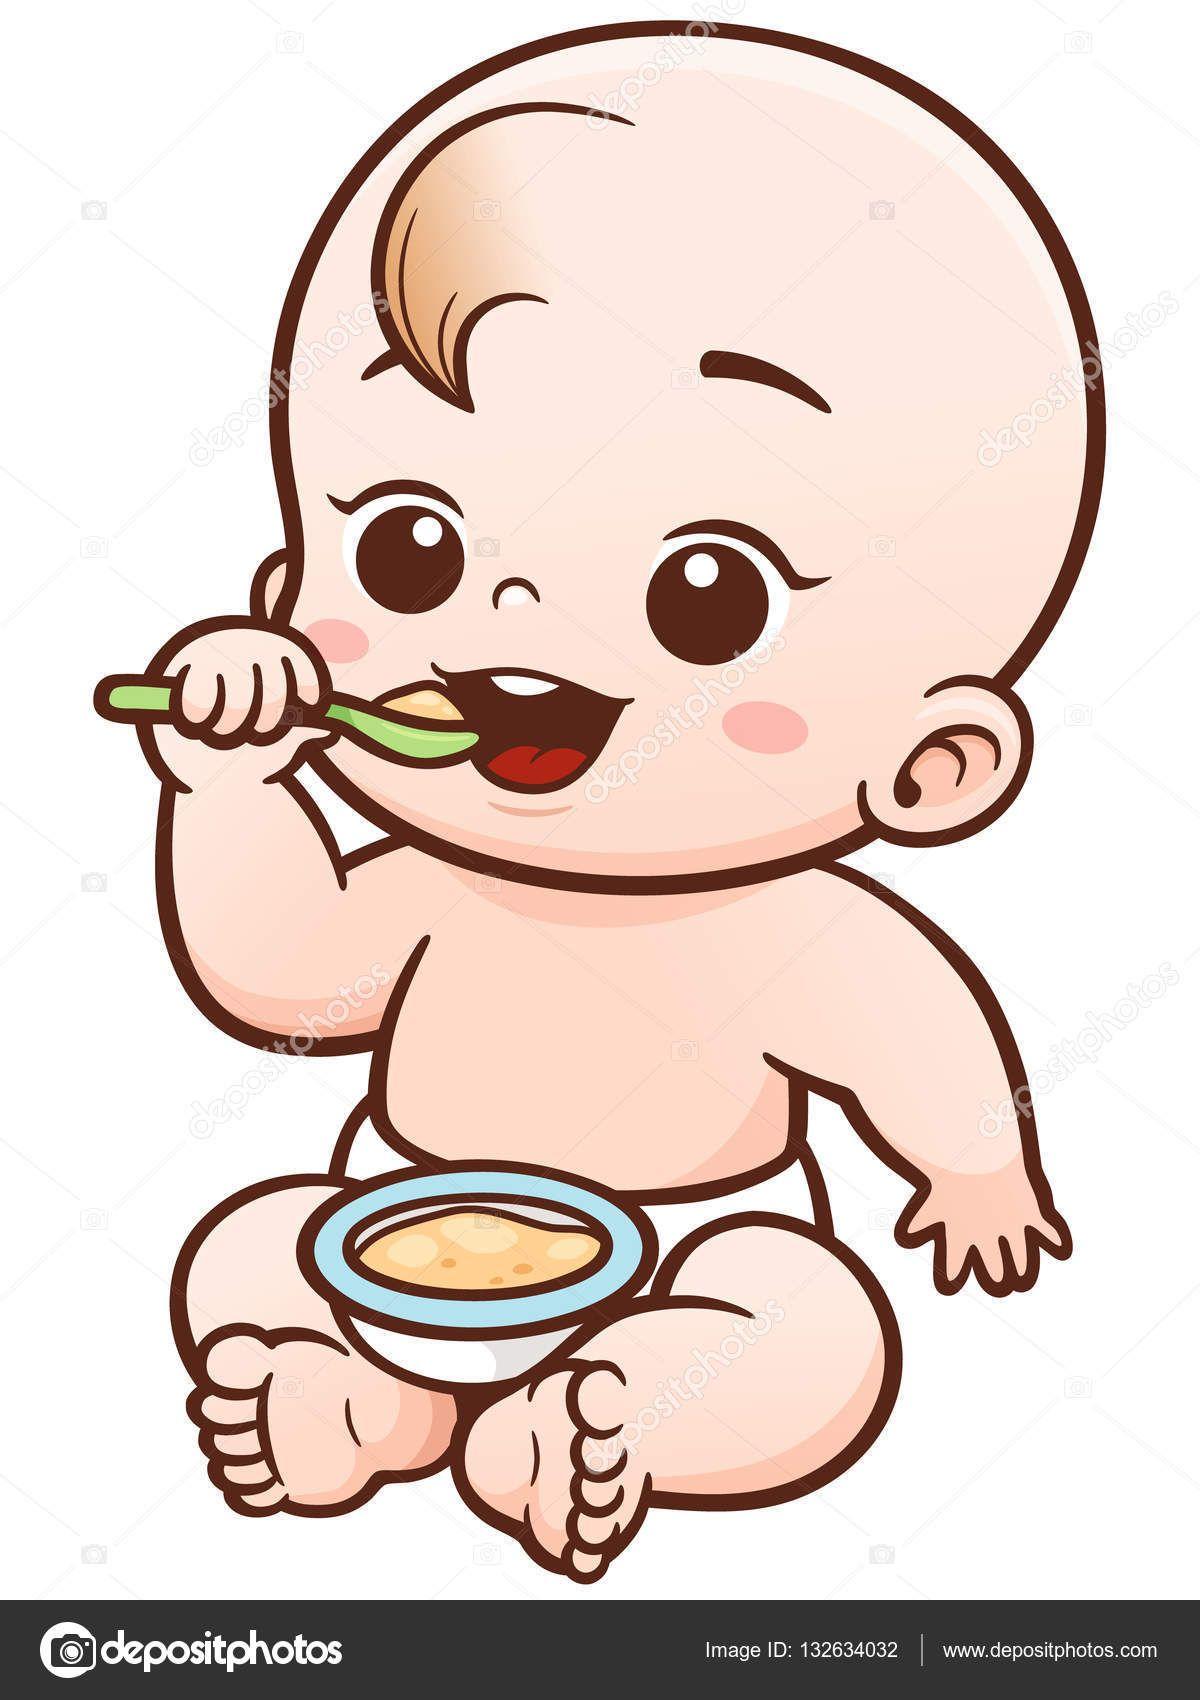 336e5a32c Vector ilustración de dibujos animados lindo bebé comiendo